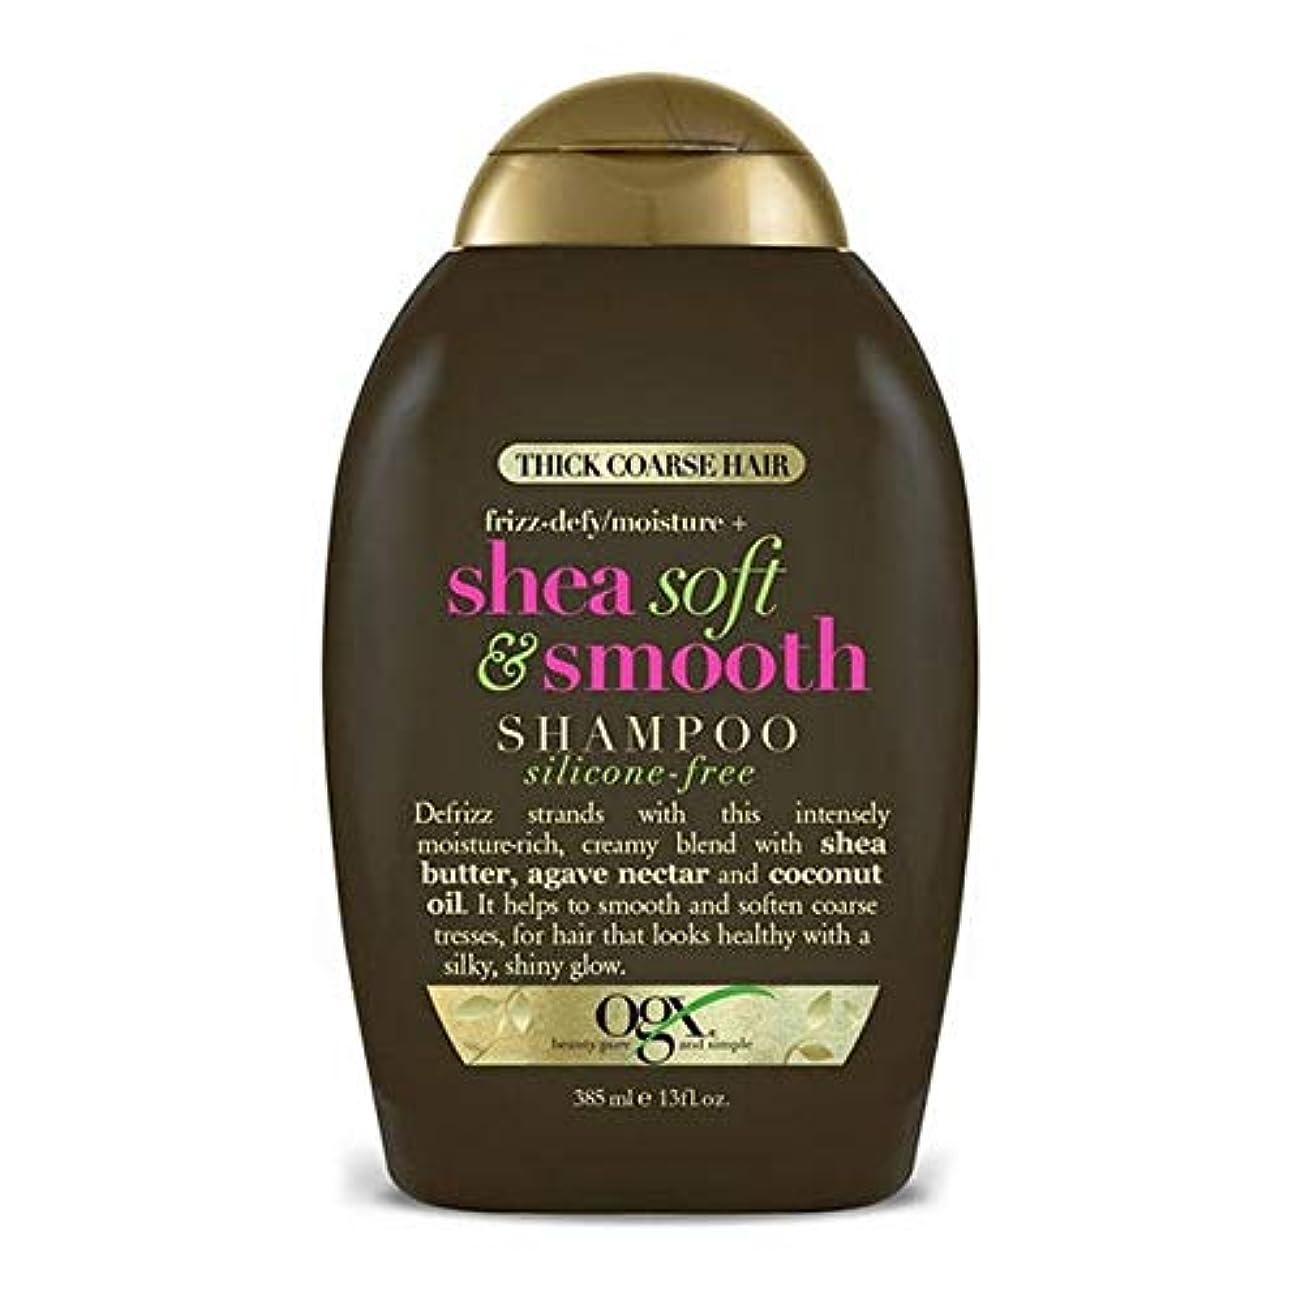 巻き取り宅配便美人[Ogx] Ogxシリコンフリーシアソフトで滑らかなシャンプー385ミリリットル - OGX Silicone-Free Shea Soft and Smooth Shampoo 385ml [並行輸入品]